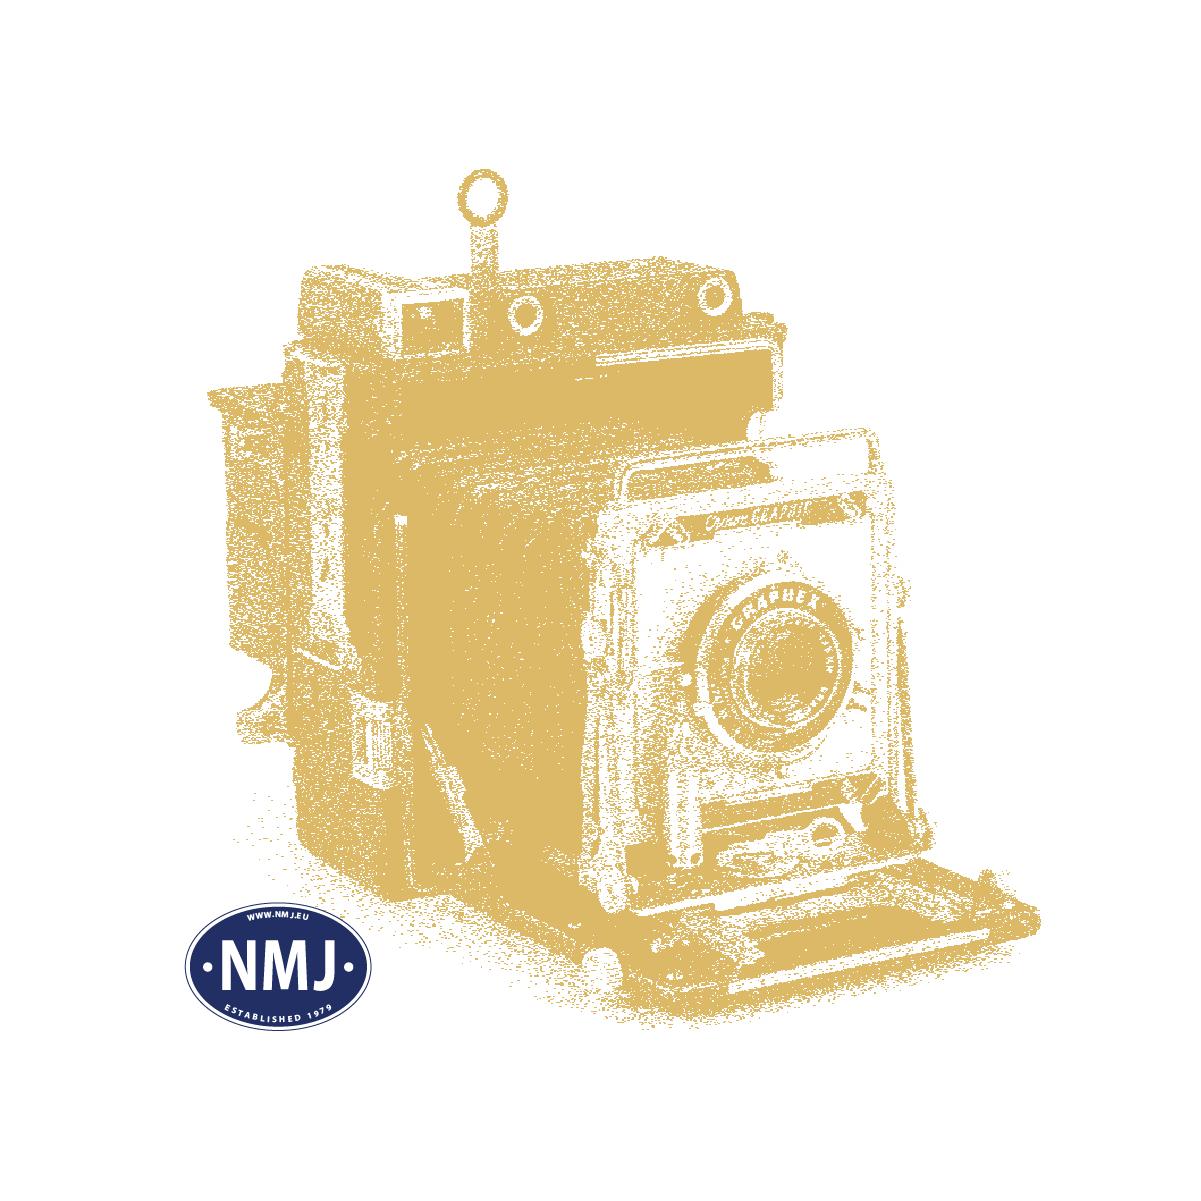 NMJE89905 - NMJ Vitrine Spu 0, 60 Cm (64 x 20 cm)